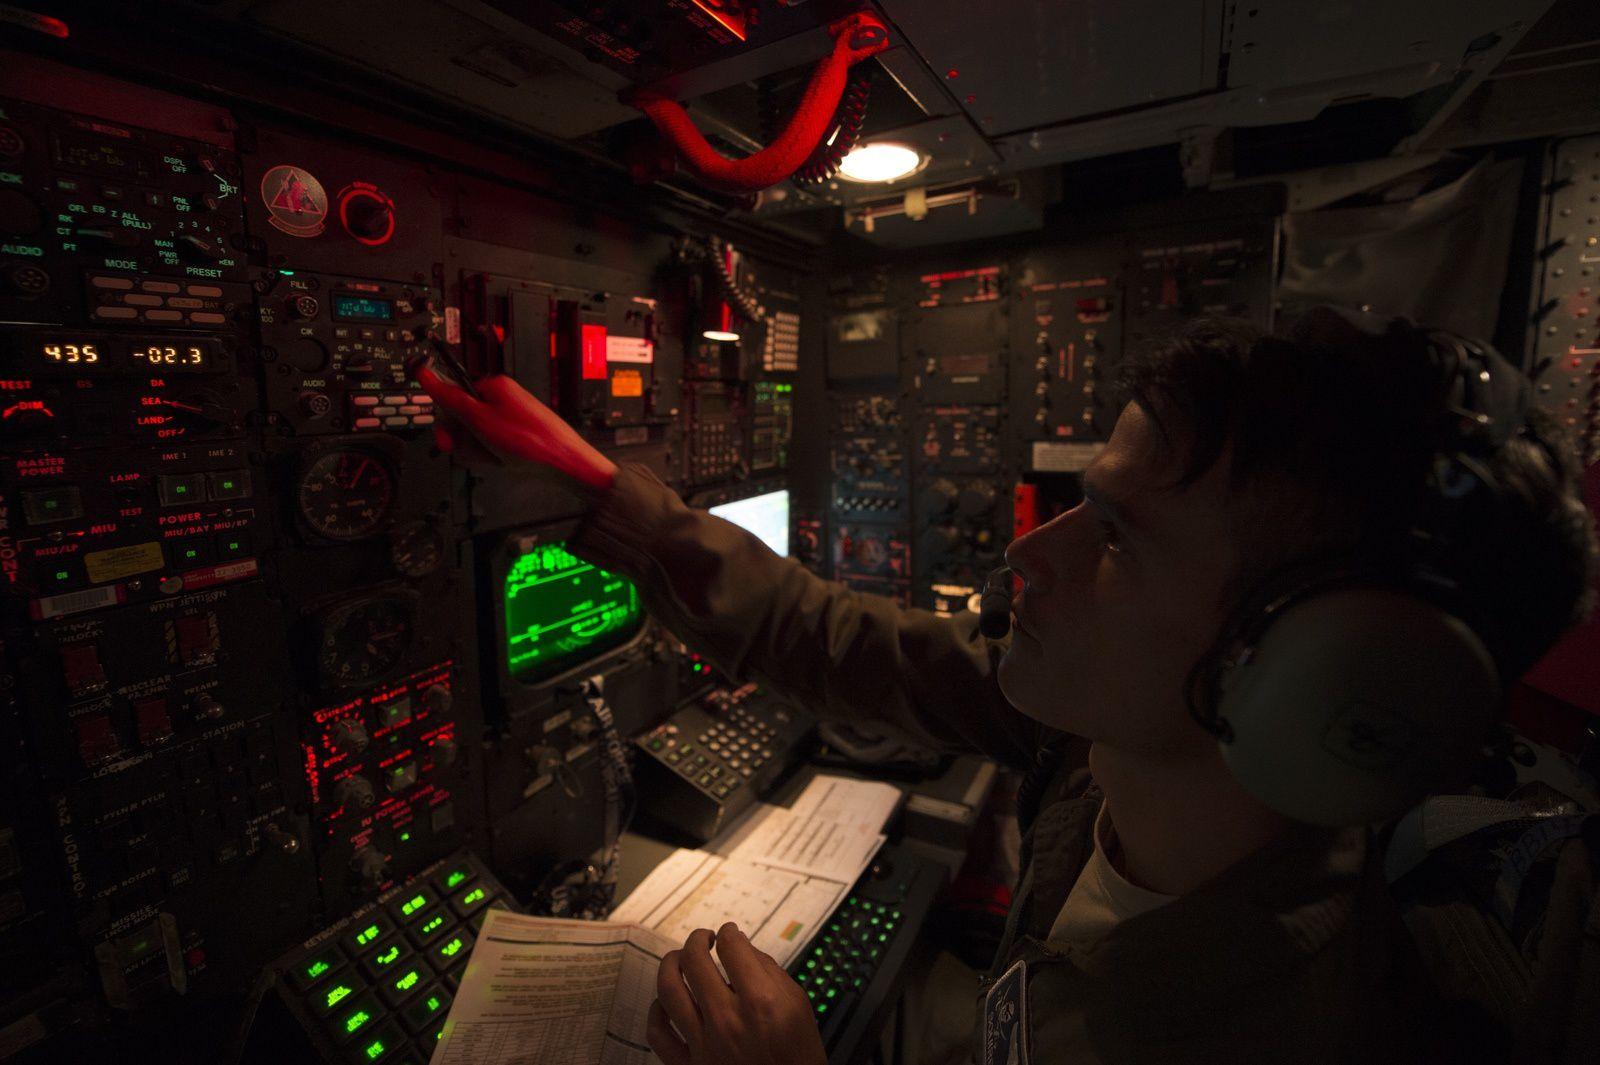 Photos-Vidéo : Un C-135FR de l'Armée de l'Air ravitaille en vol un B-52H de l'US Air Force